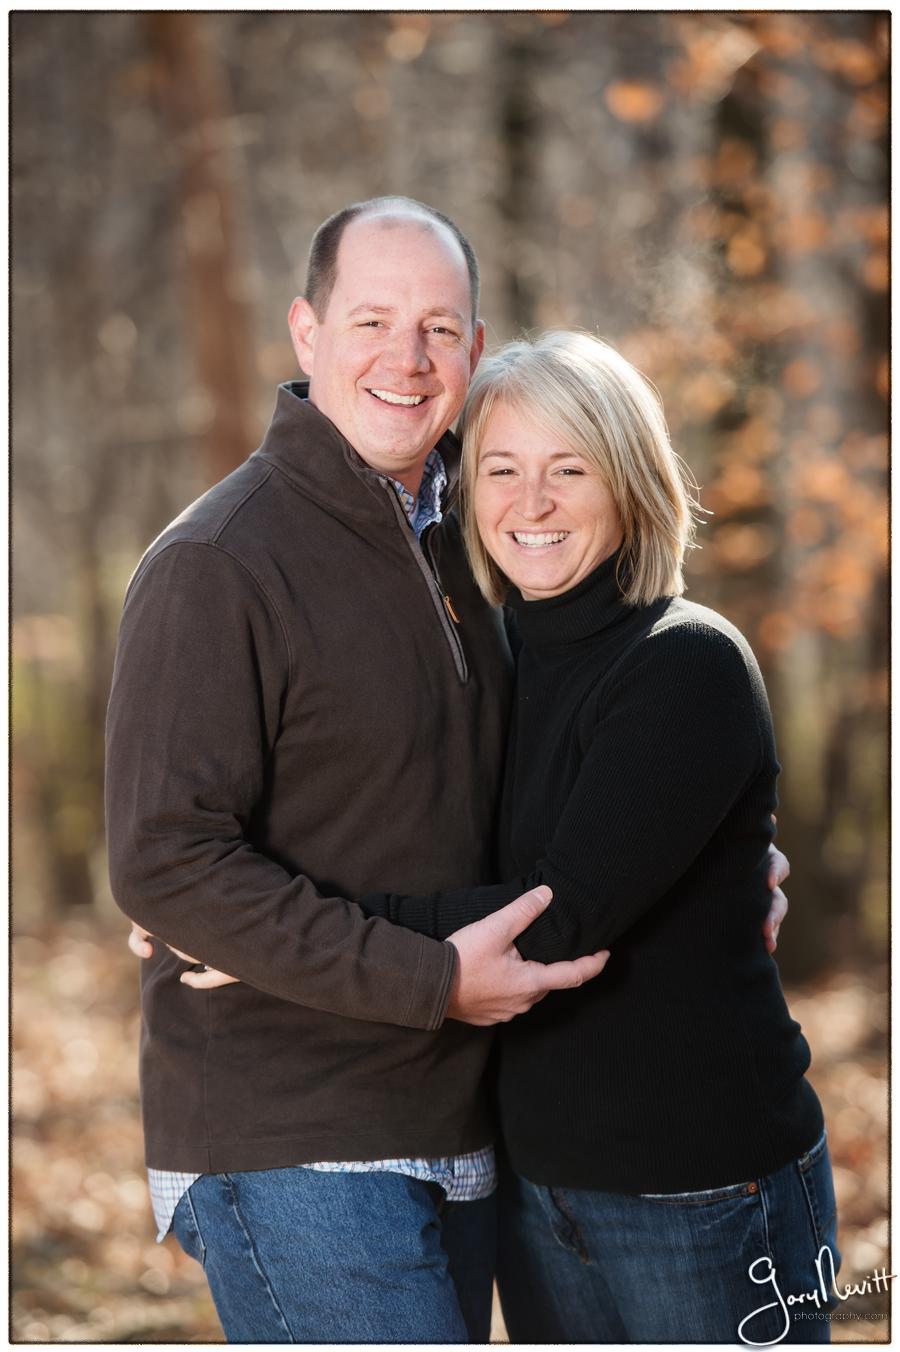 Fanelli Family Portraits - West Chester - Philadelphia- Gary Nevitt Photography-169